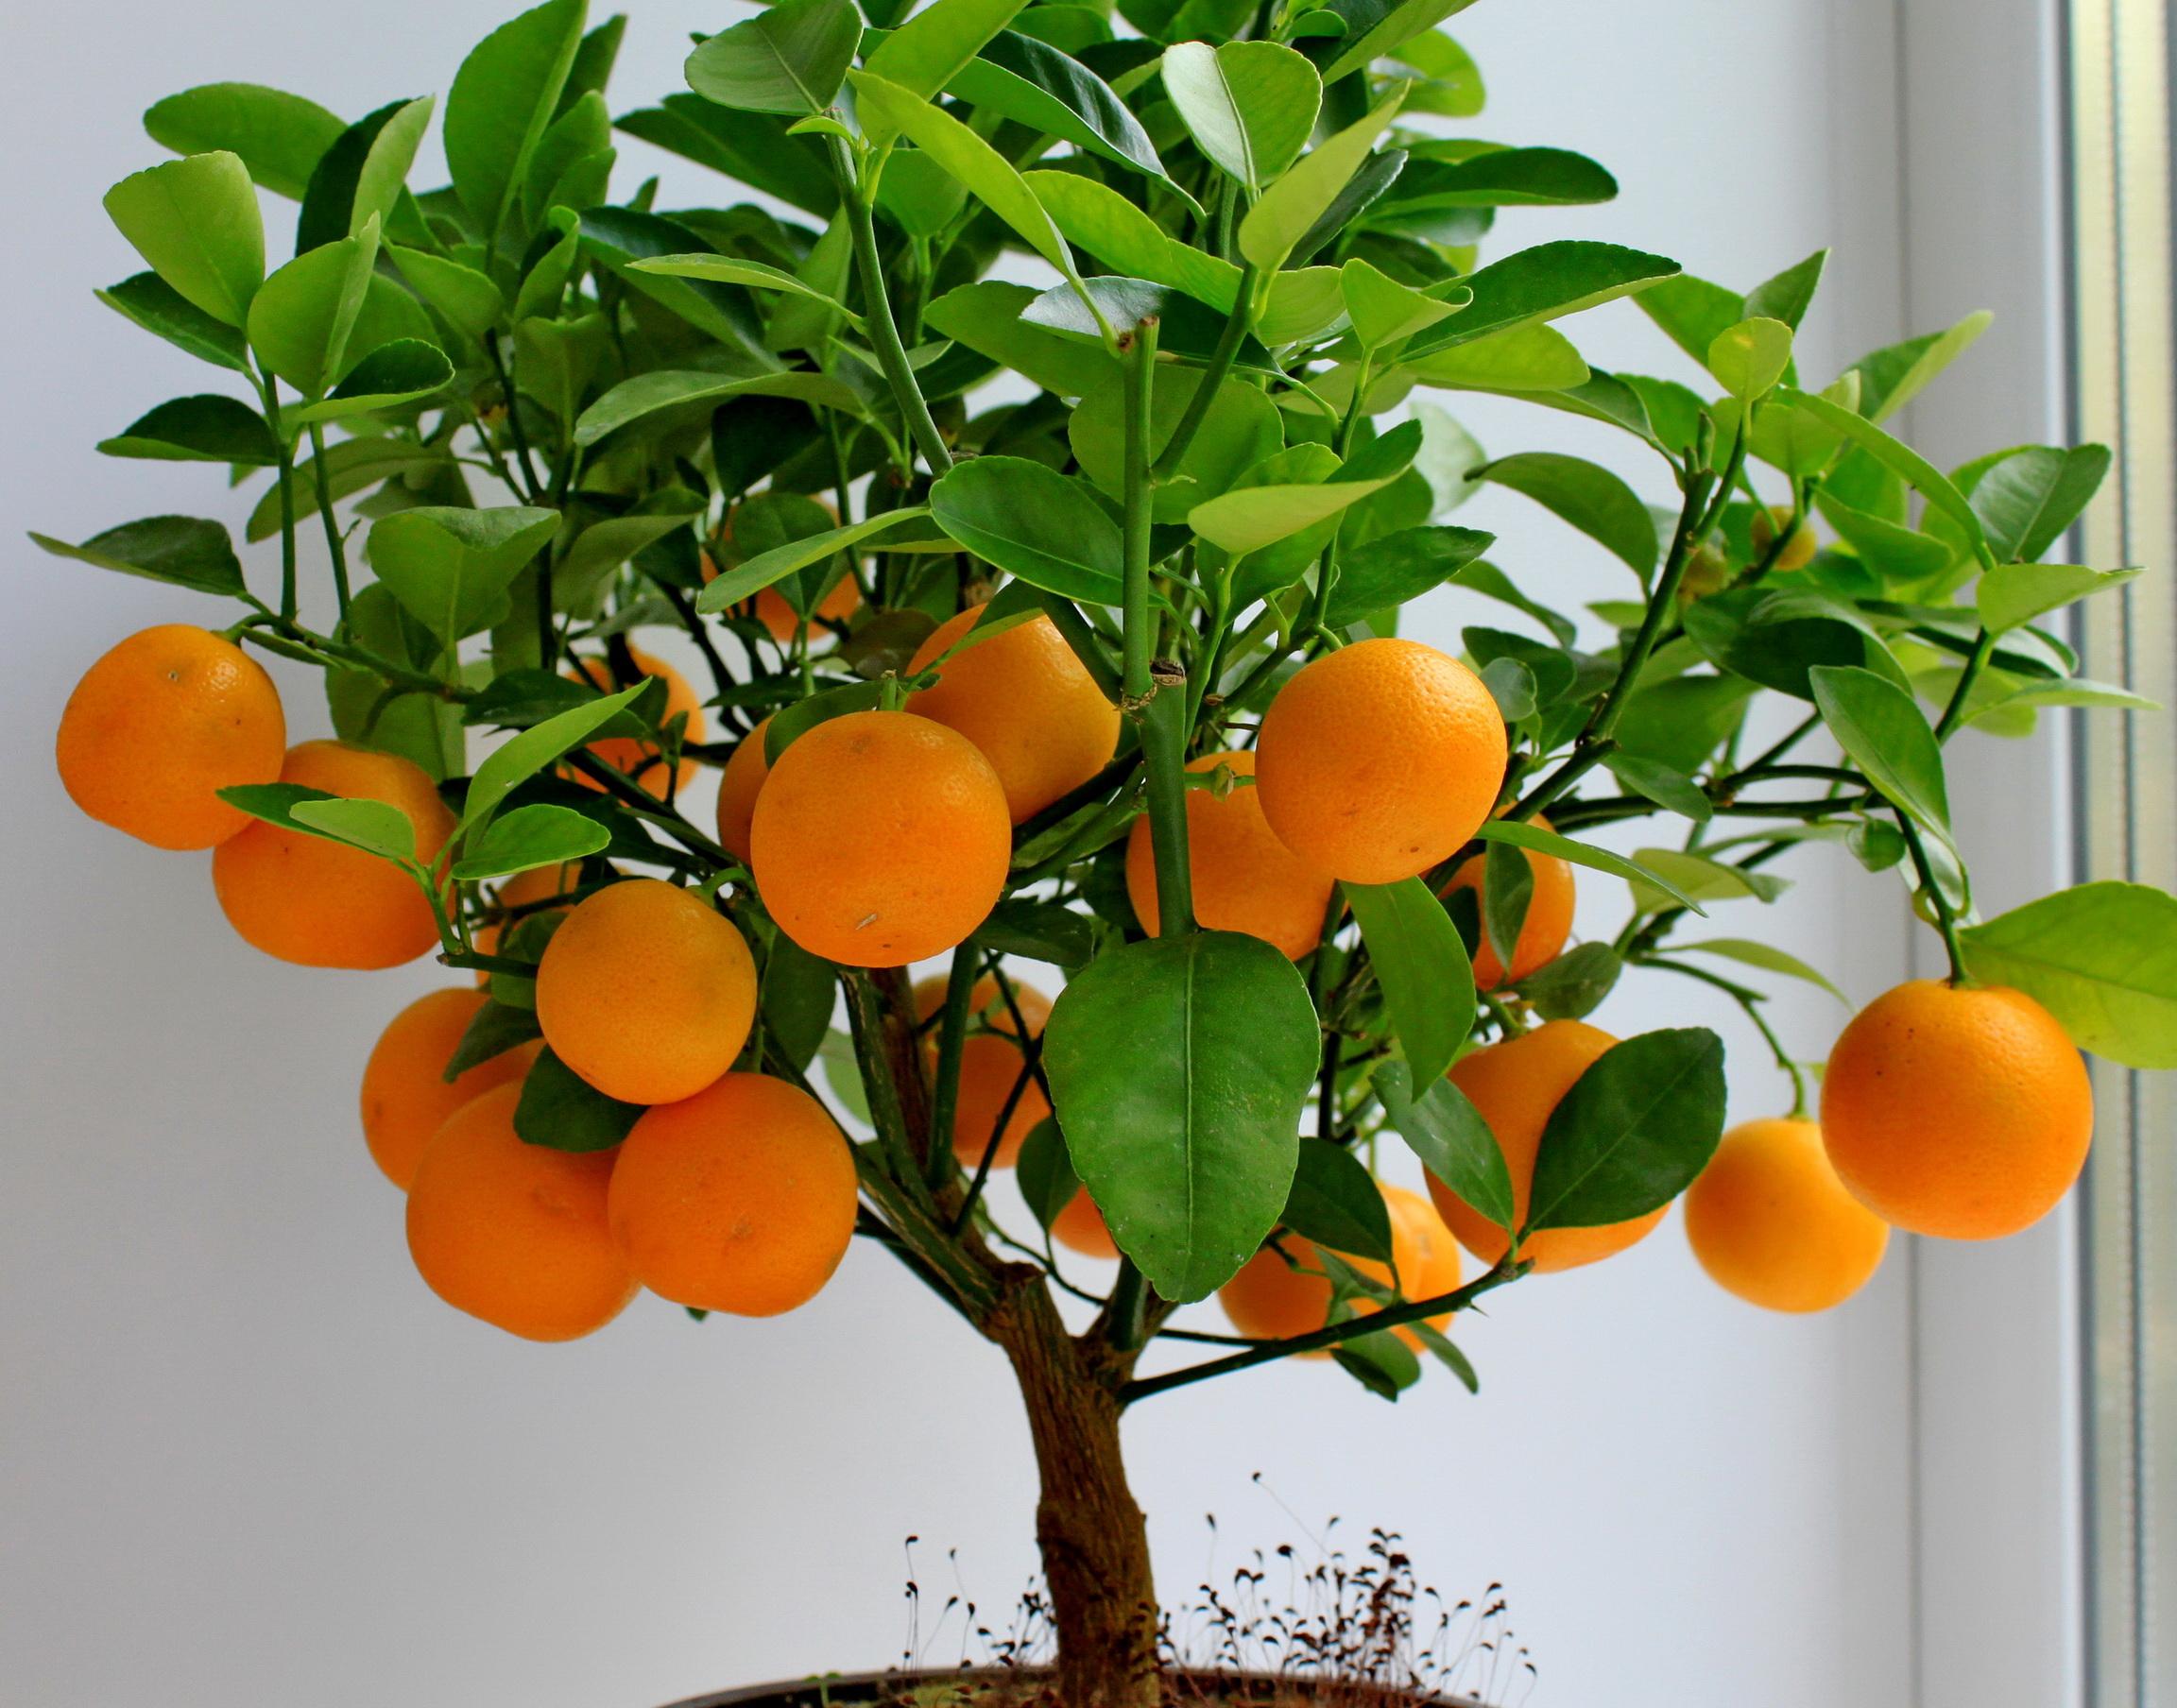 За миниатюрность Фортунелла называют «Карликовый апельсин»